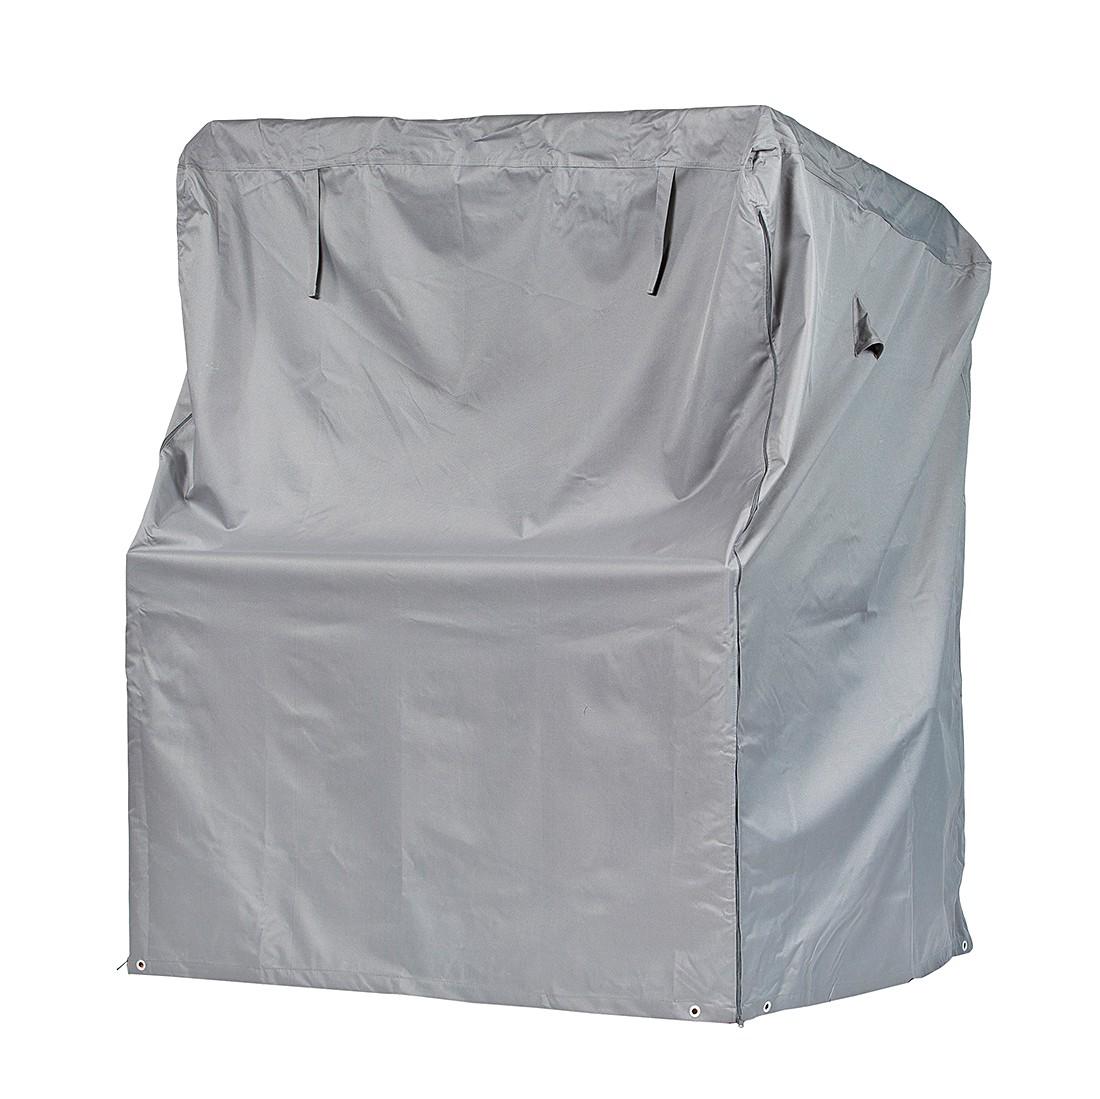 Schutzhülle Premium für Strandkorb (Breite: 137 cm) - Polyester, mehr Garten